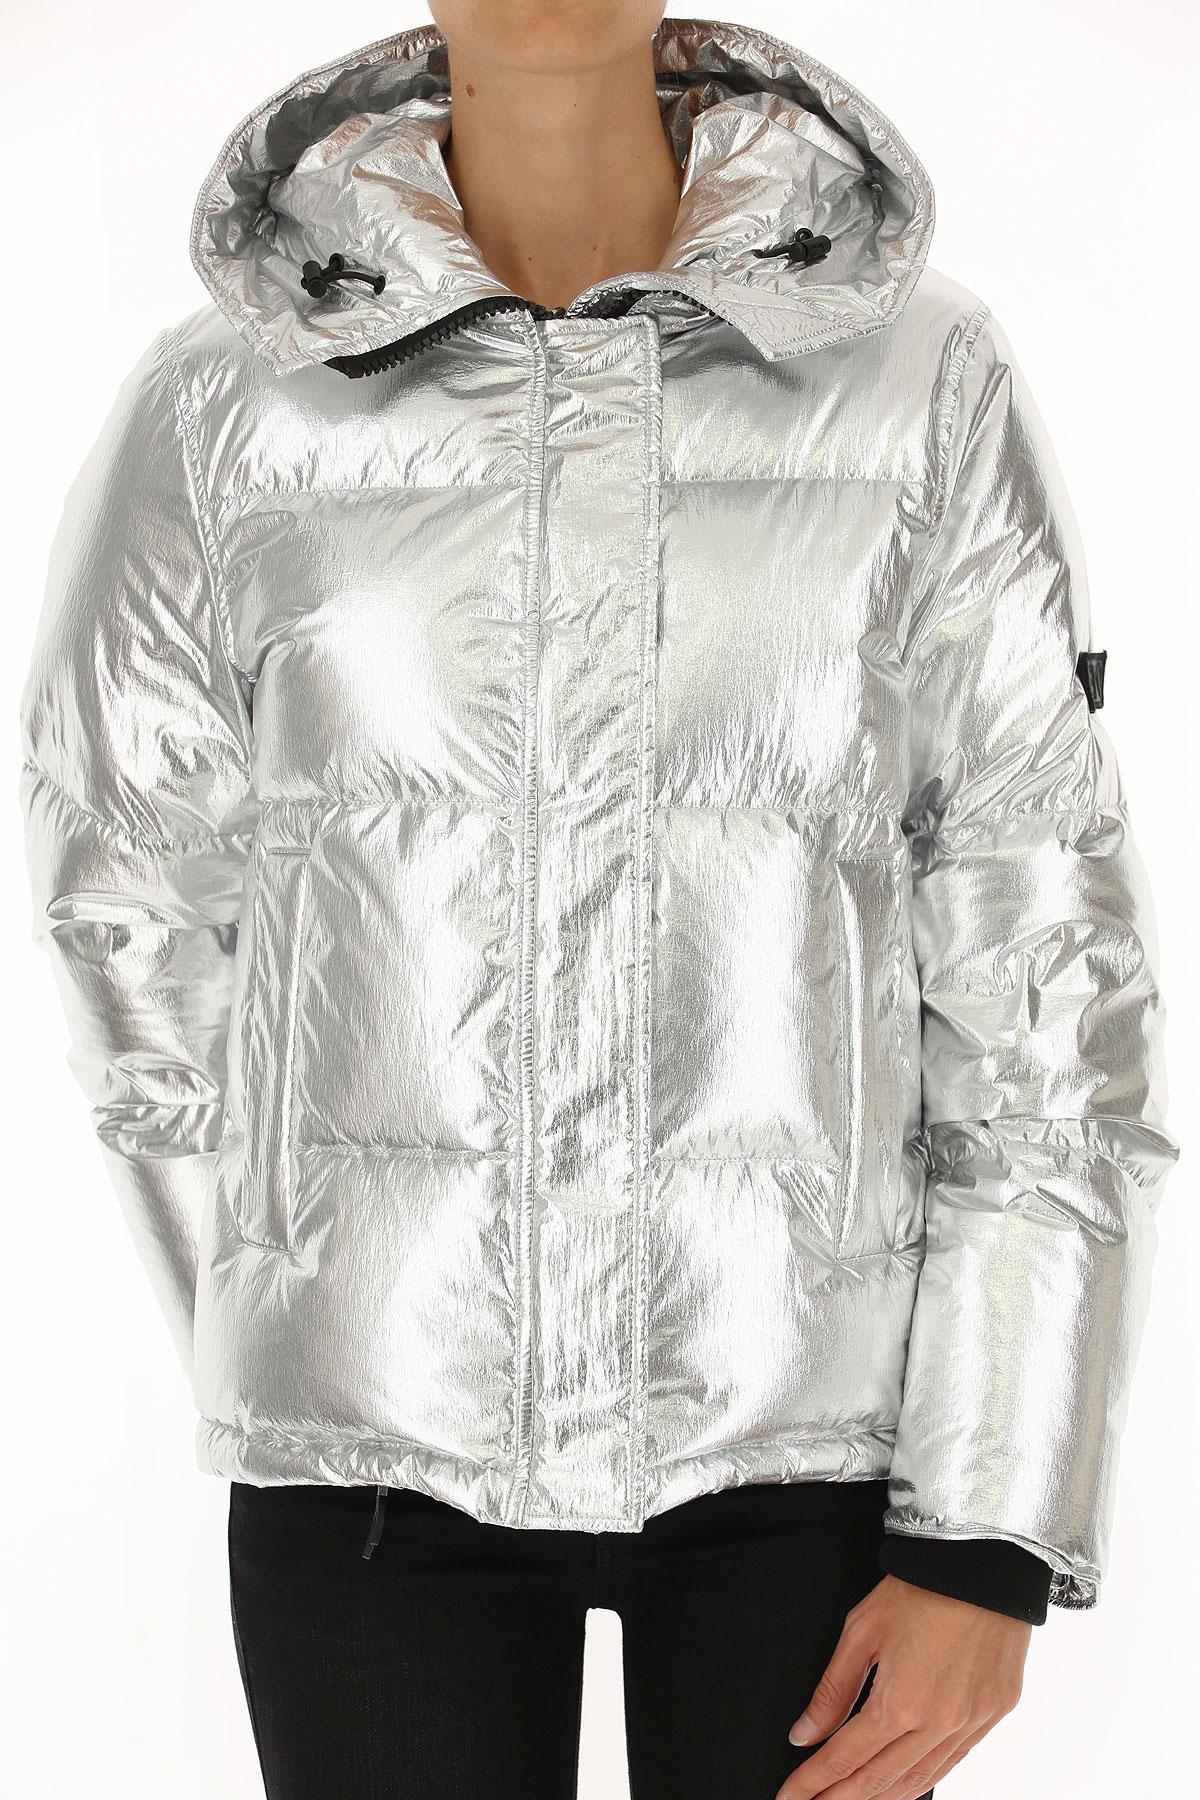 Lyst - Abrigo de Plumas para Mujer KENZO de color Metálico d2a6da05259d